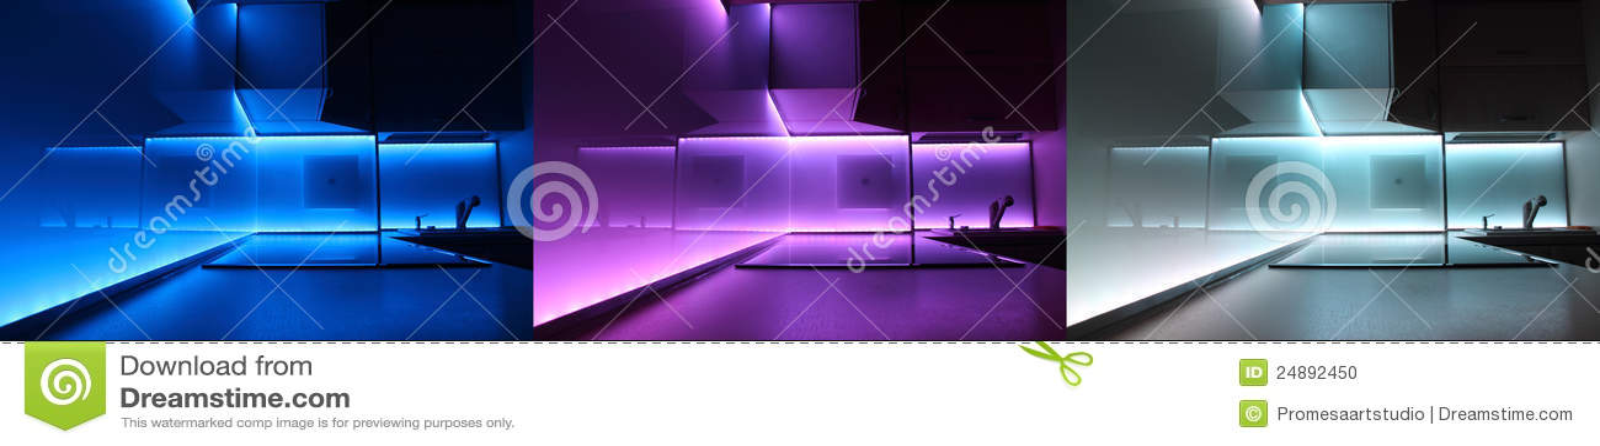 Moderne luxekeuken met geleide verlichting